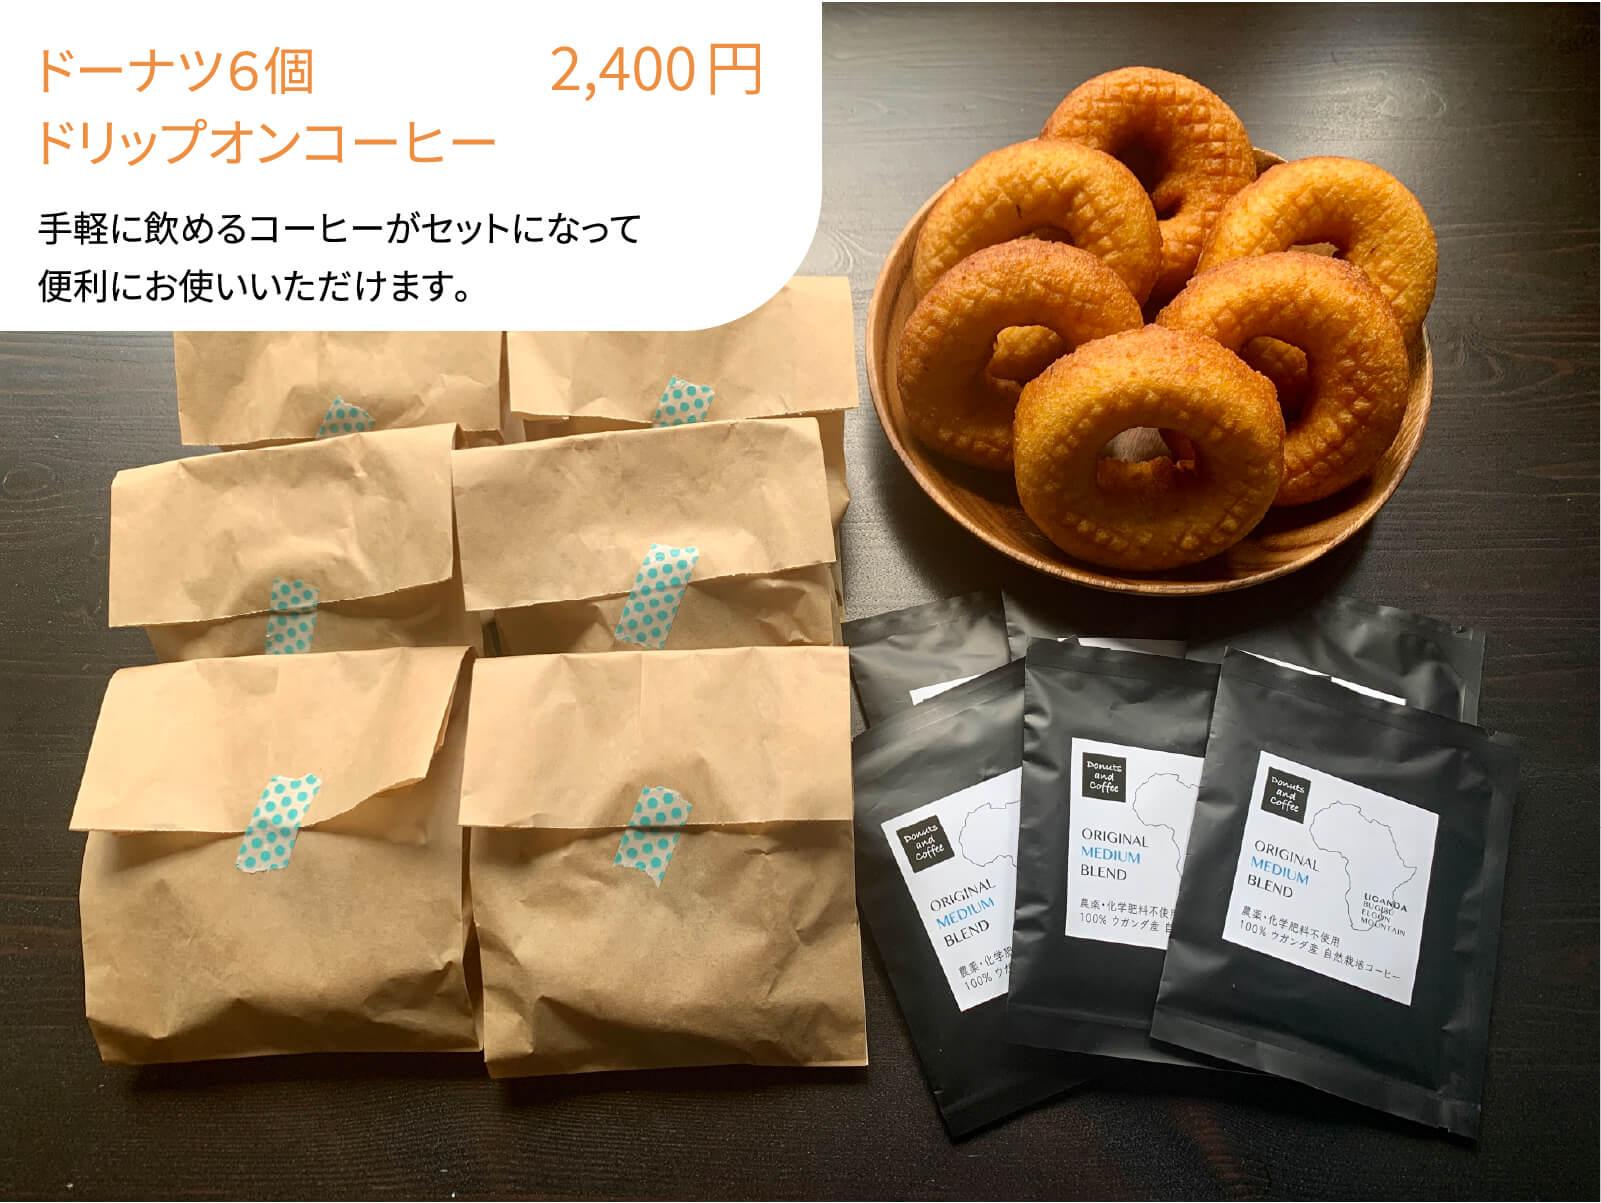 ドーナツ6個コーヒーセット  揚げドーナツ